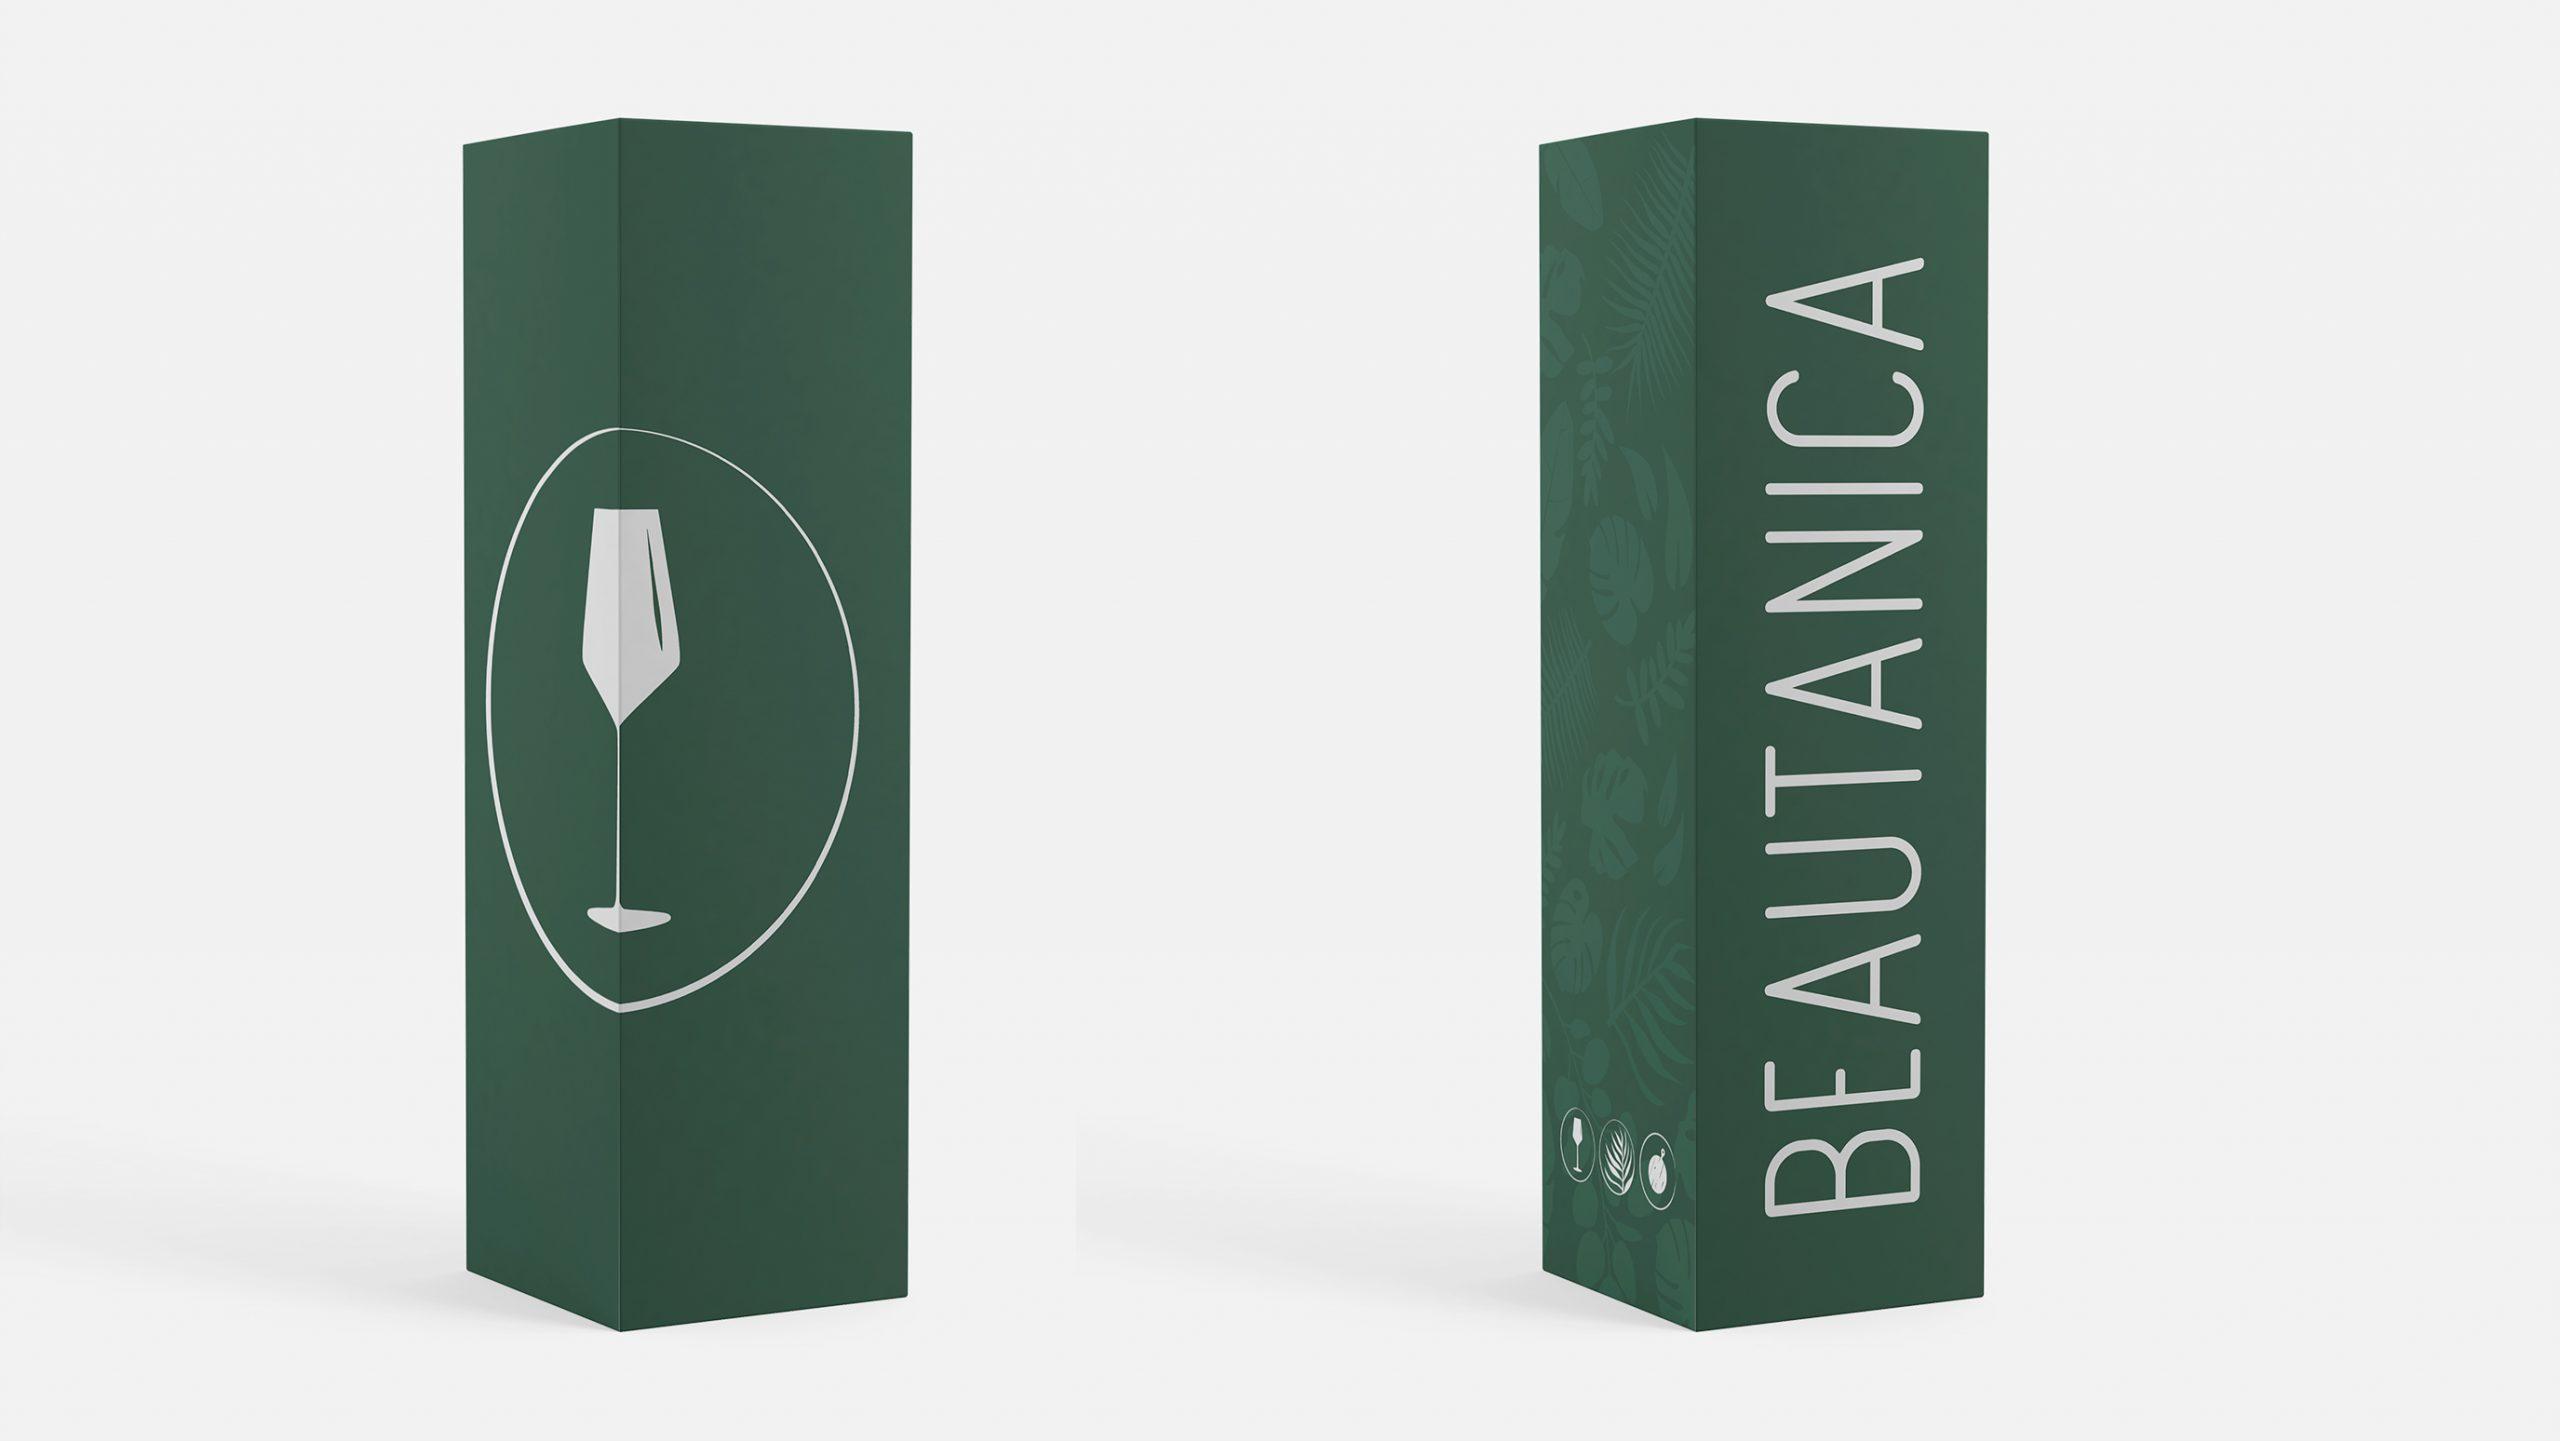 2109 Wijnverpakking Beautanica Zwolle_Vera Post Vormgeving